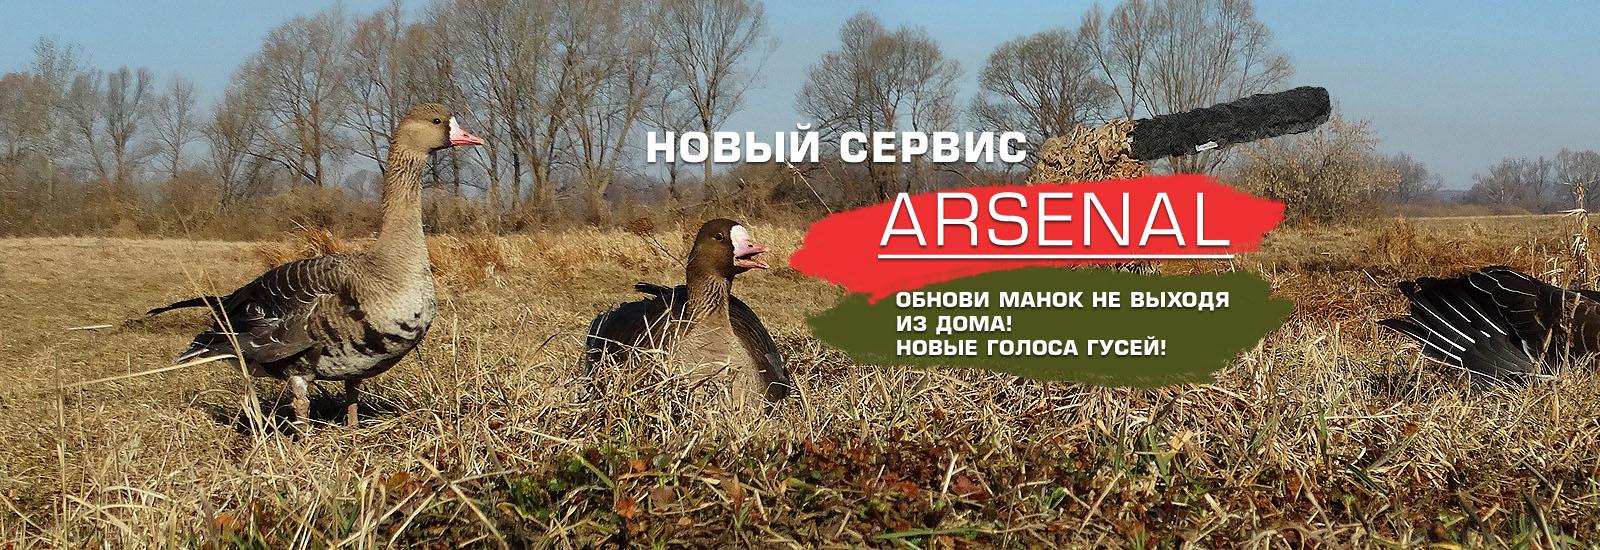 Новый сервис Arsenal. Обнови свой манок не выходя из дома